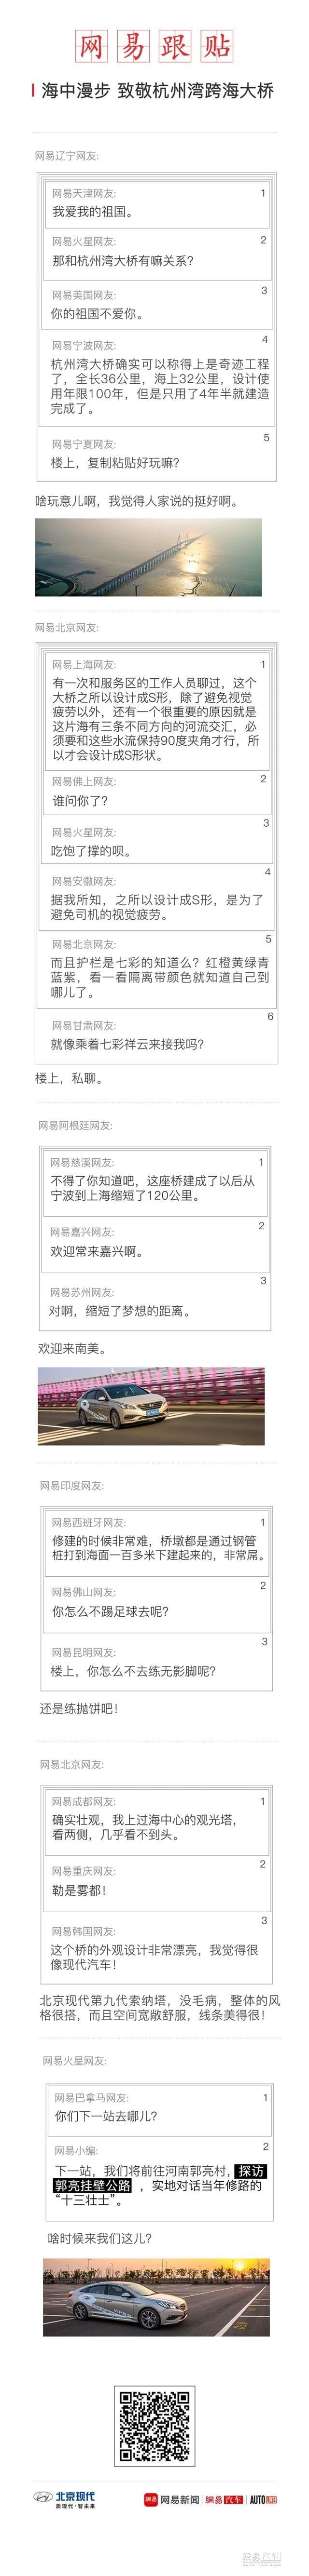 致敬杭州湾跨海大桥 看网友神评论!